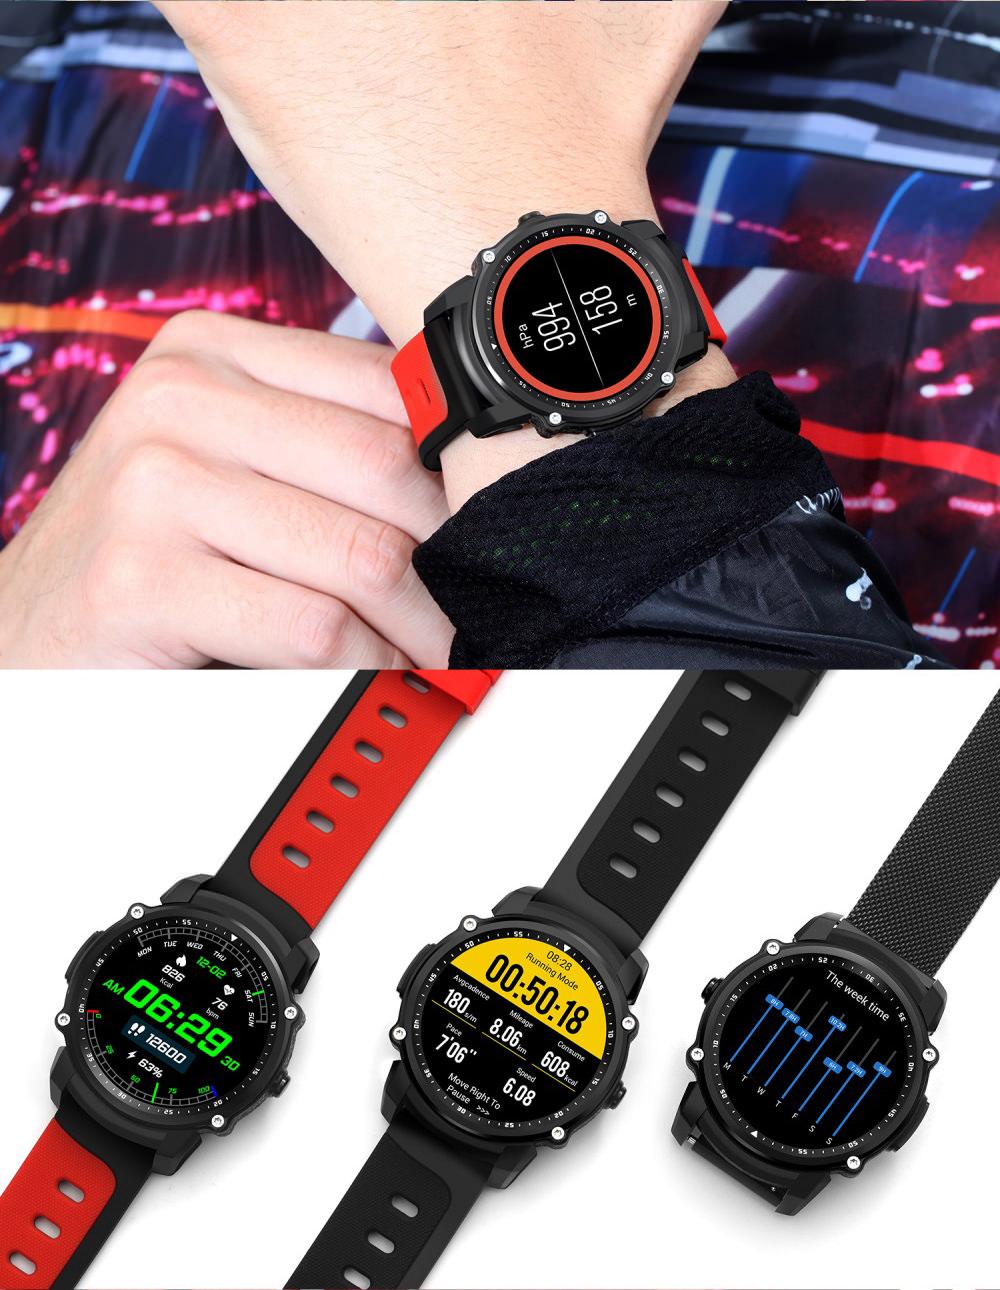 kingwear fs08 bluetooth smartwatch